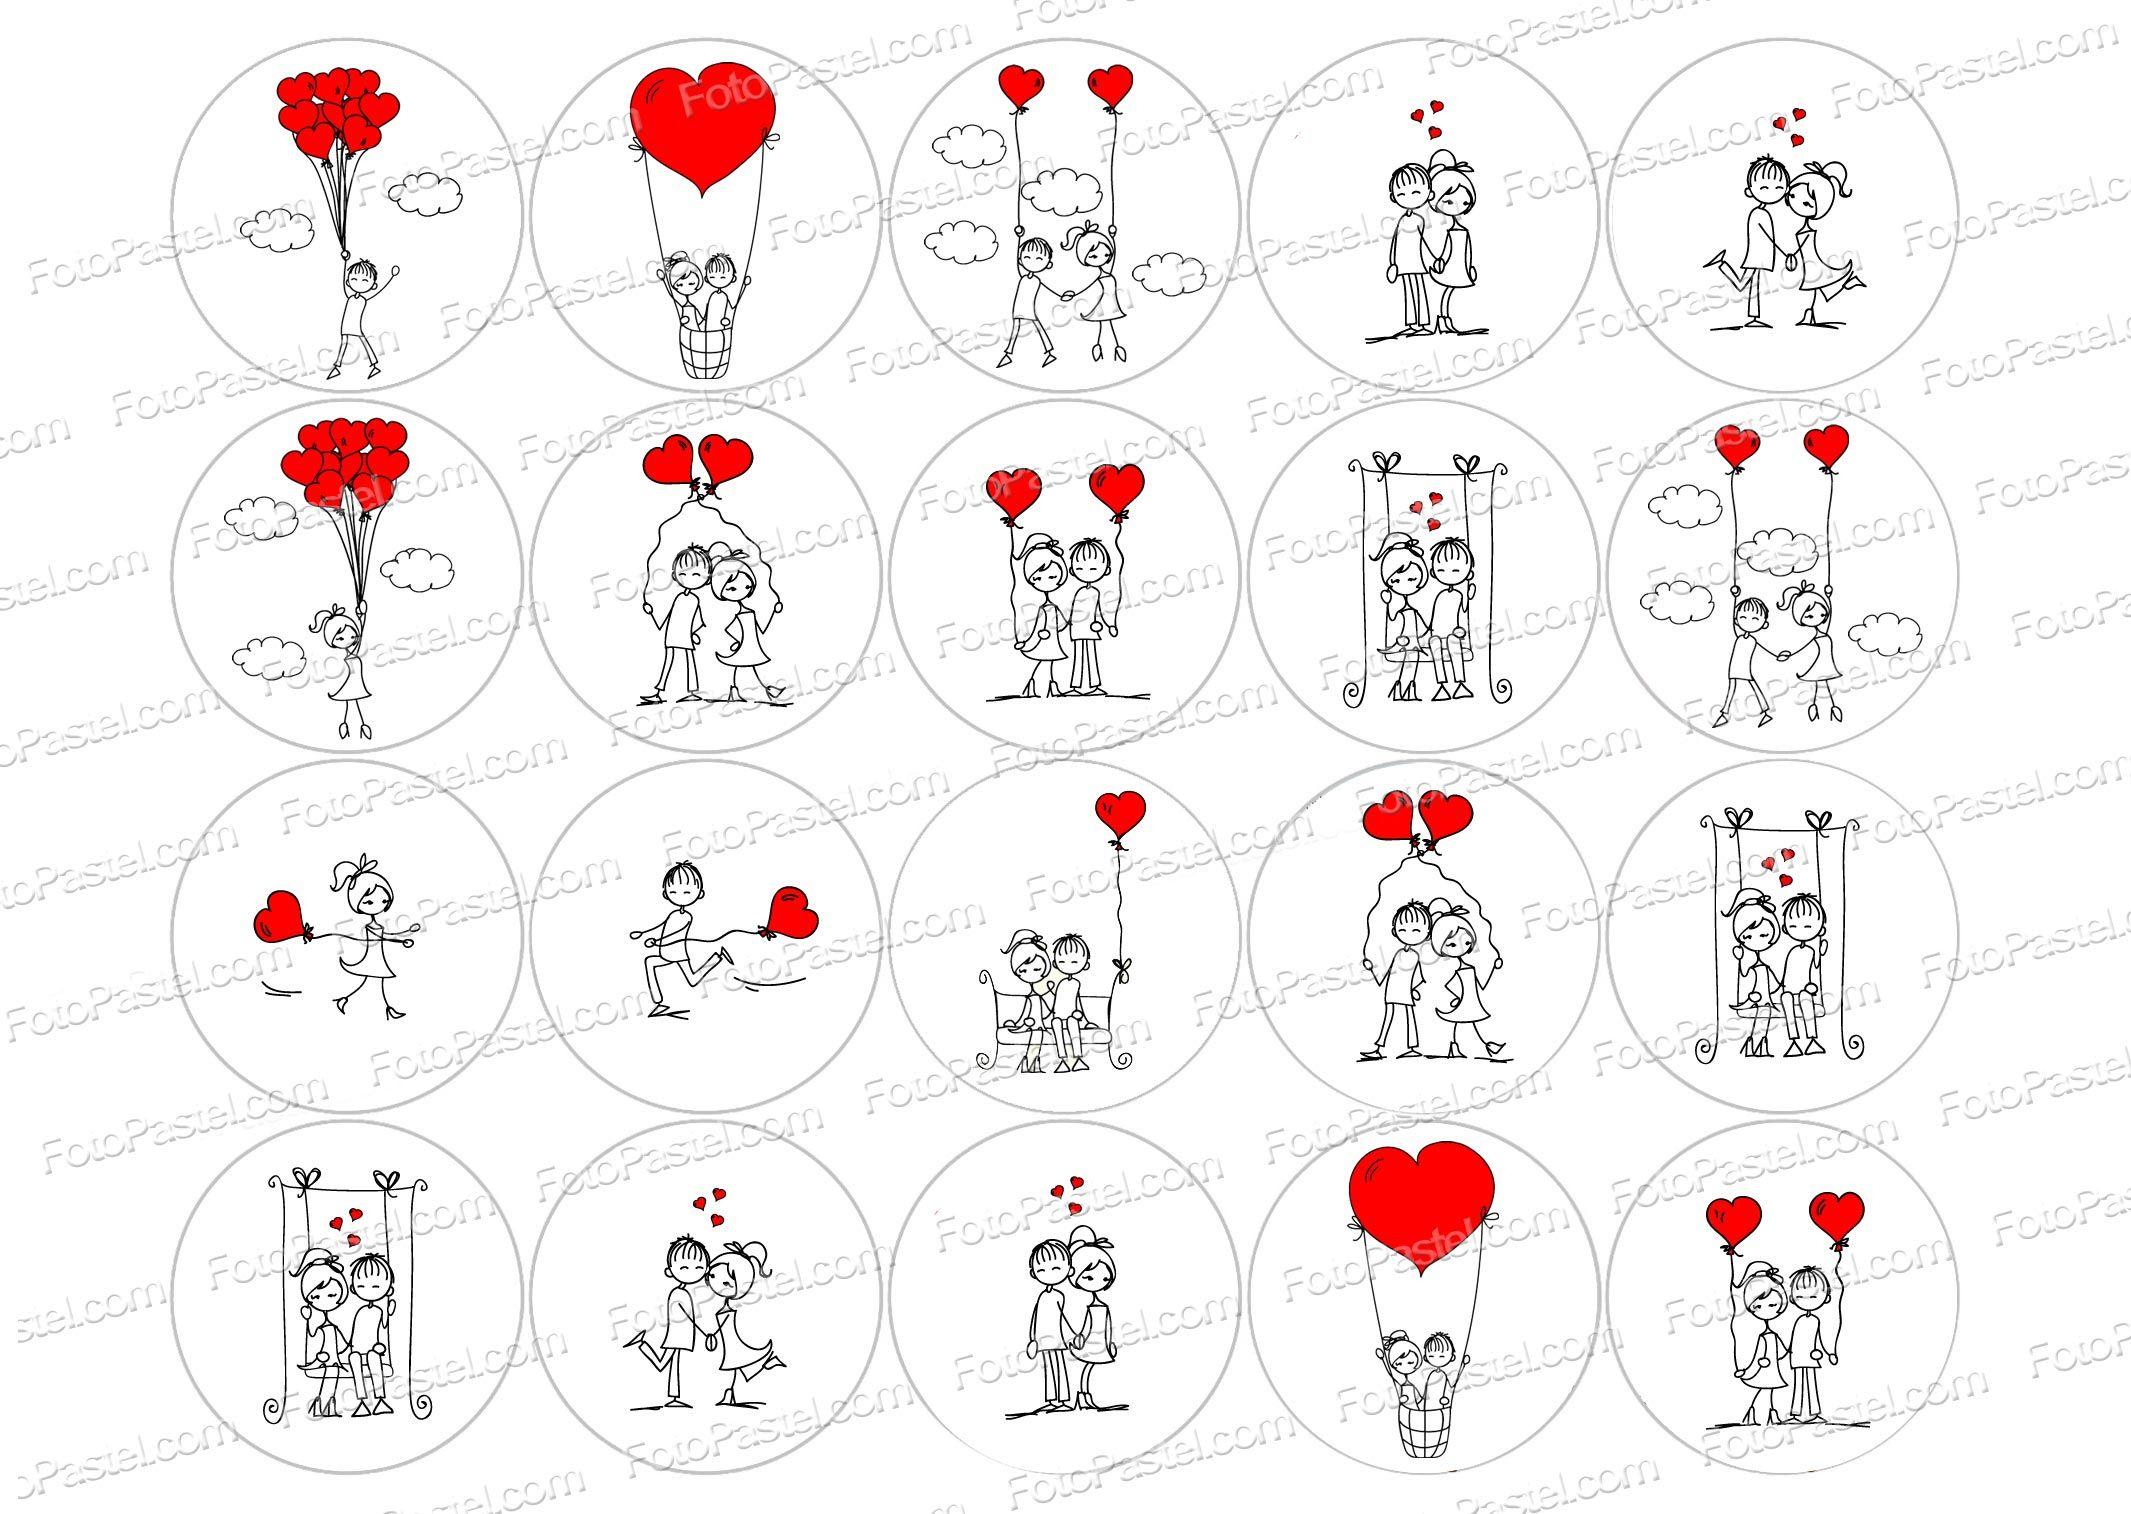 San Valentin 2 - 1 hoja con 20 circulos de 5 cm impresa